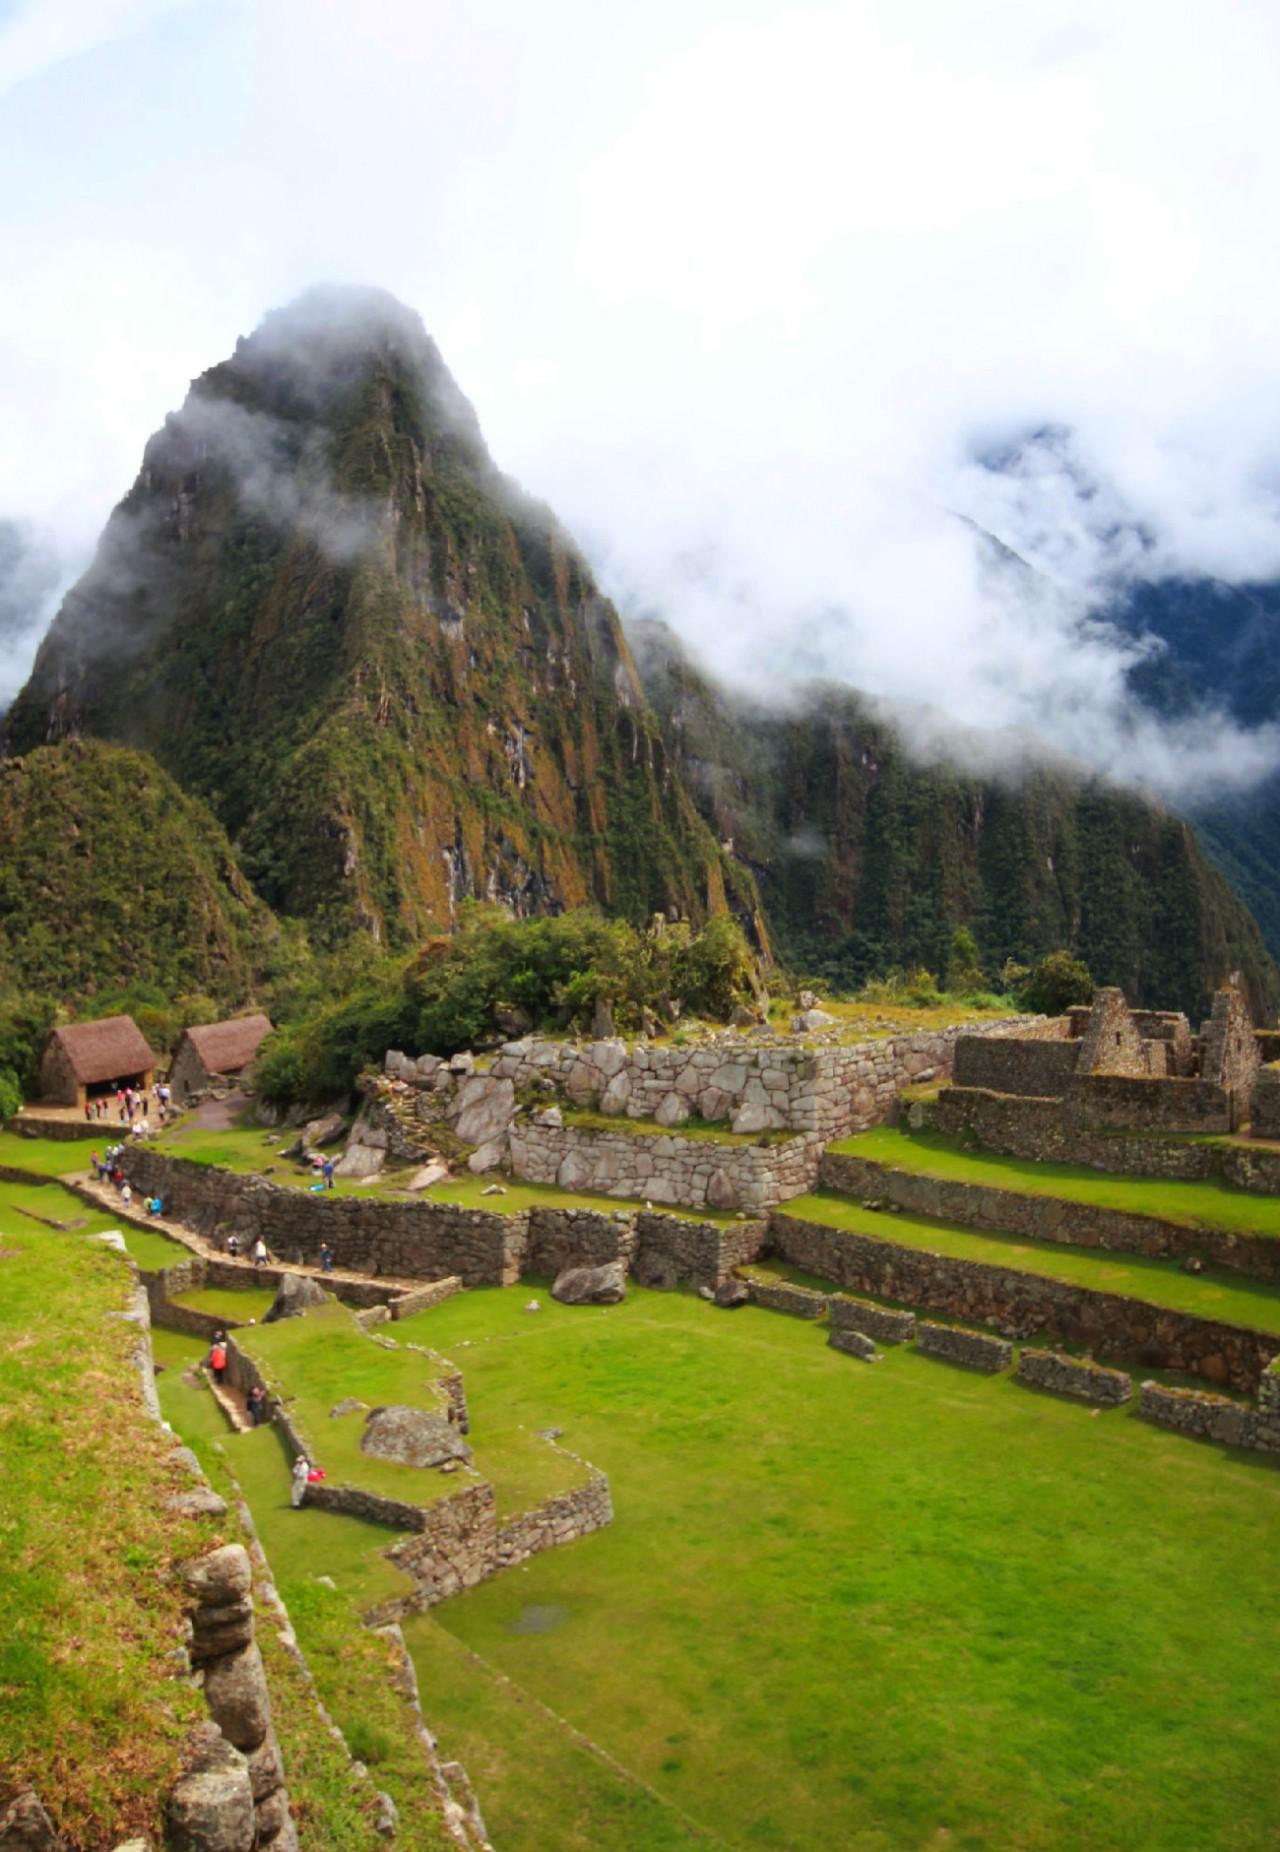 Pérou: Une cité au milieu desnuages